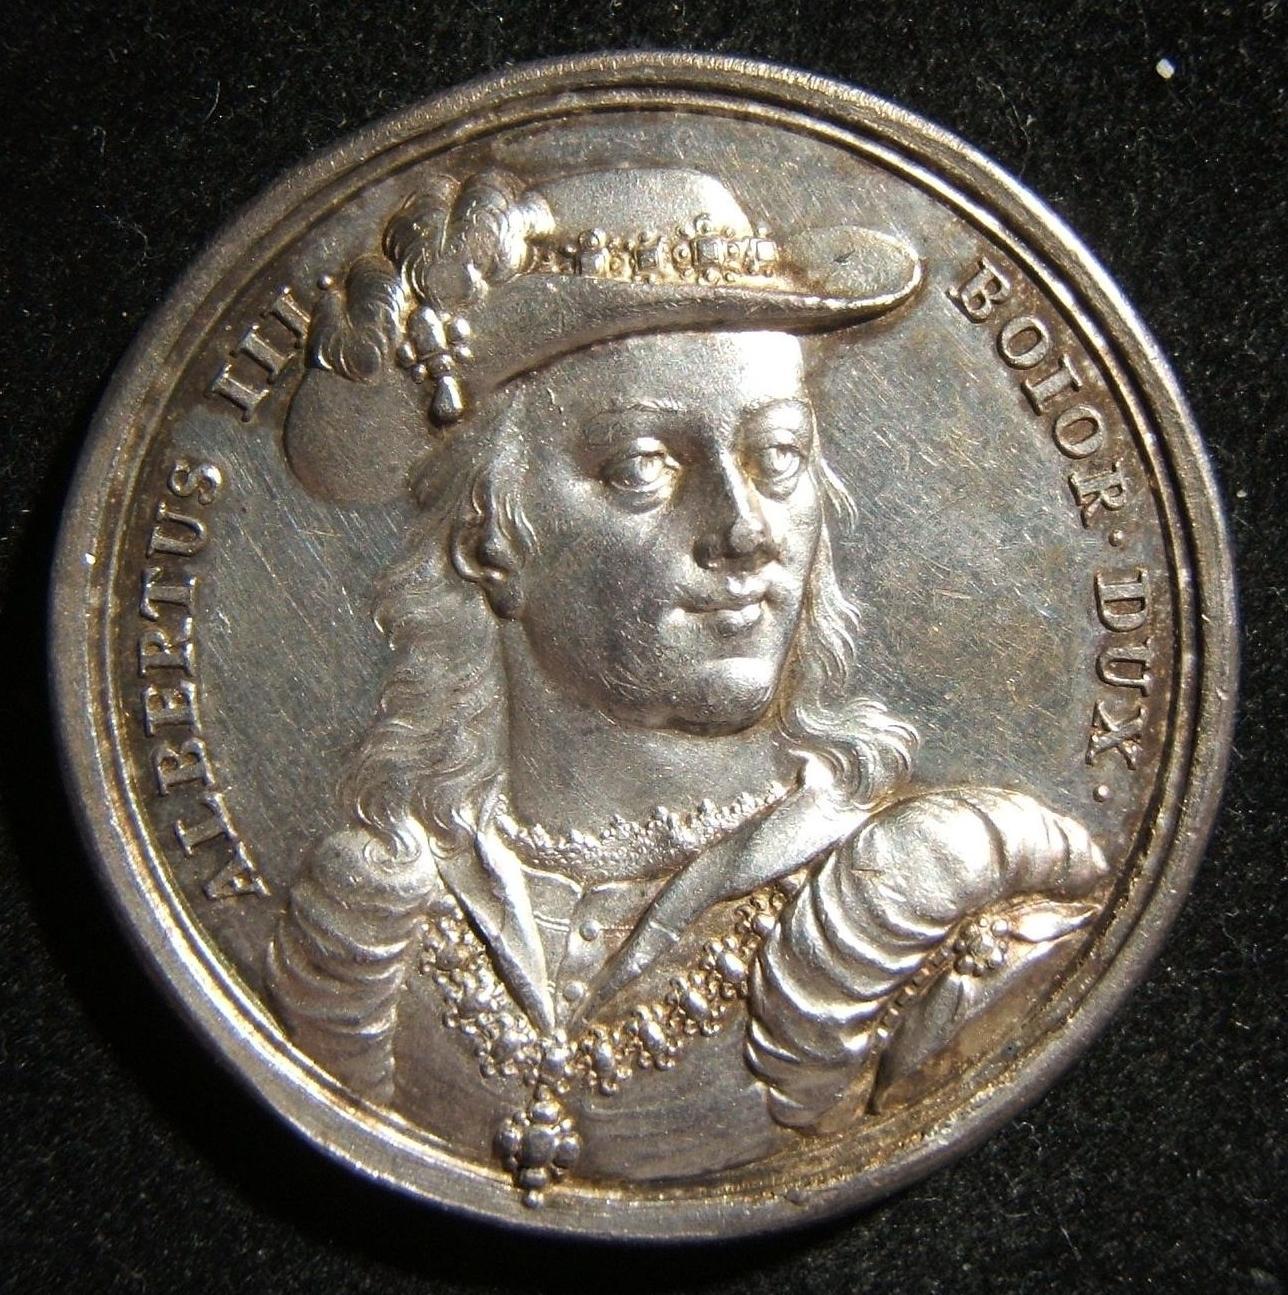 الميدالية الفضية الألمانية المعادية للسامية Albrecht III Fromme؛ طرد اليهود من بافاريا